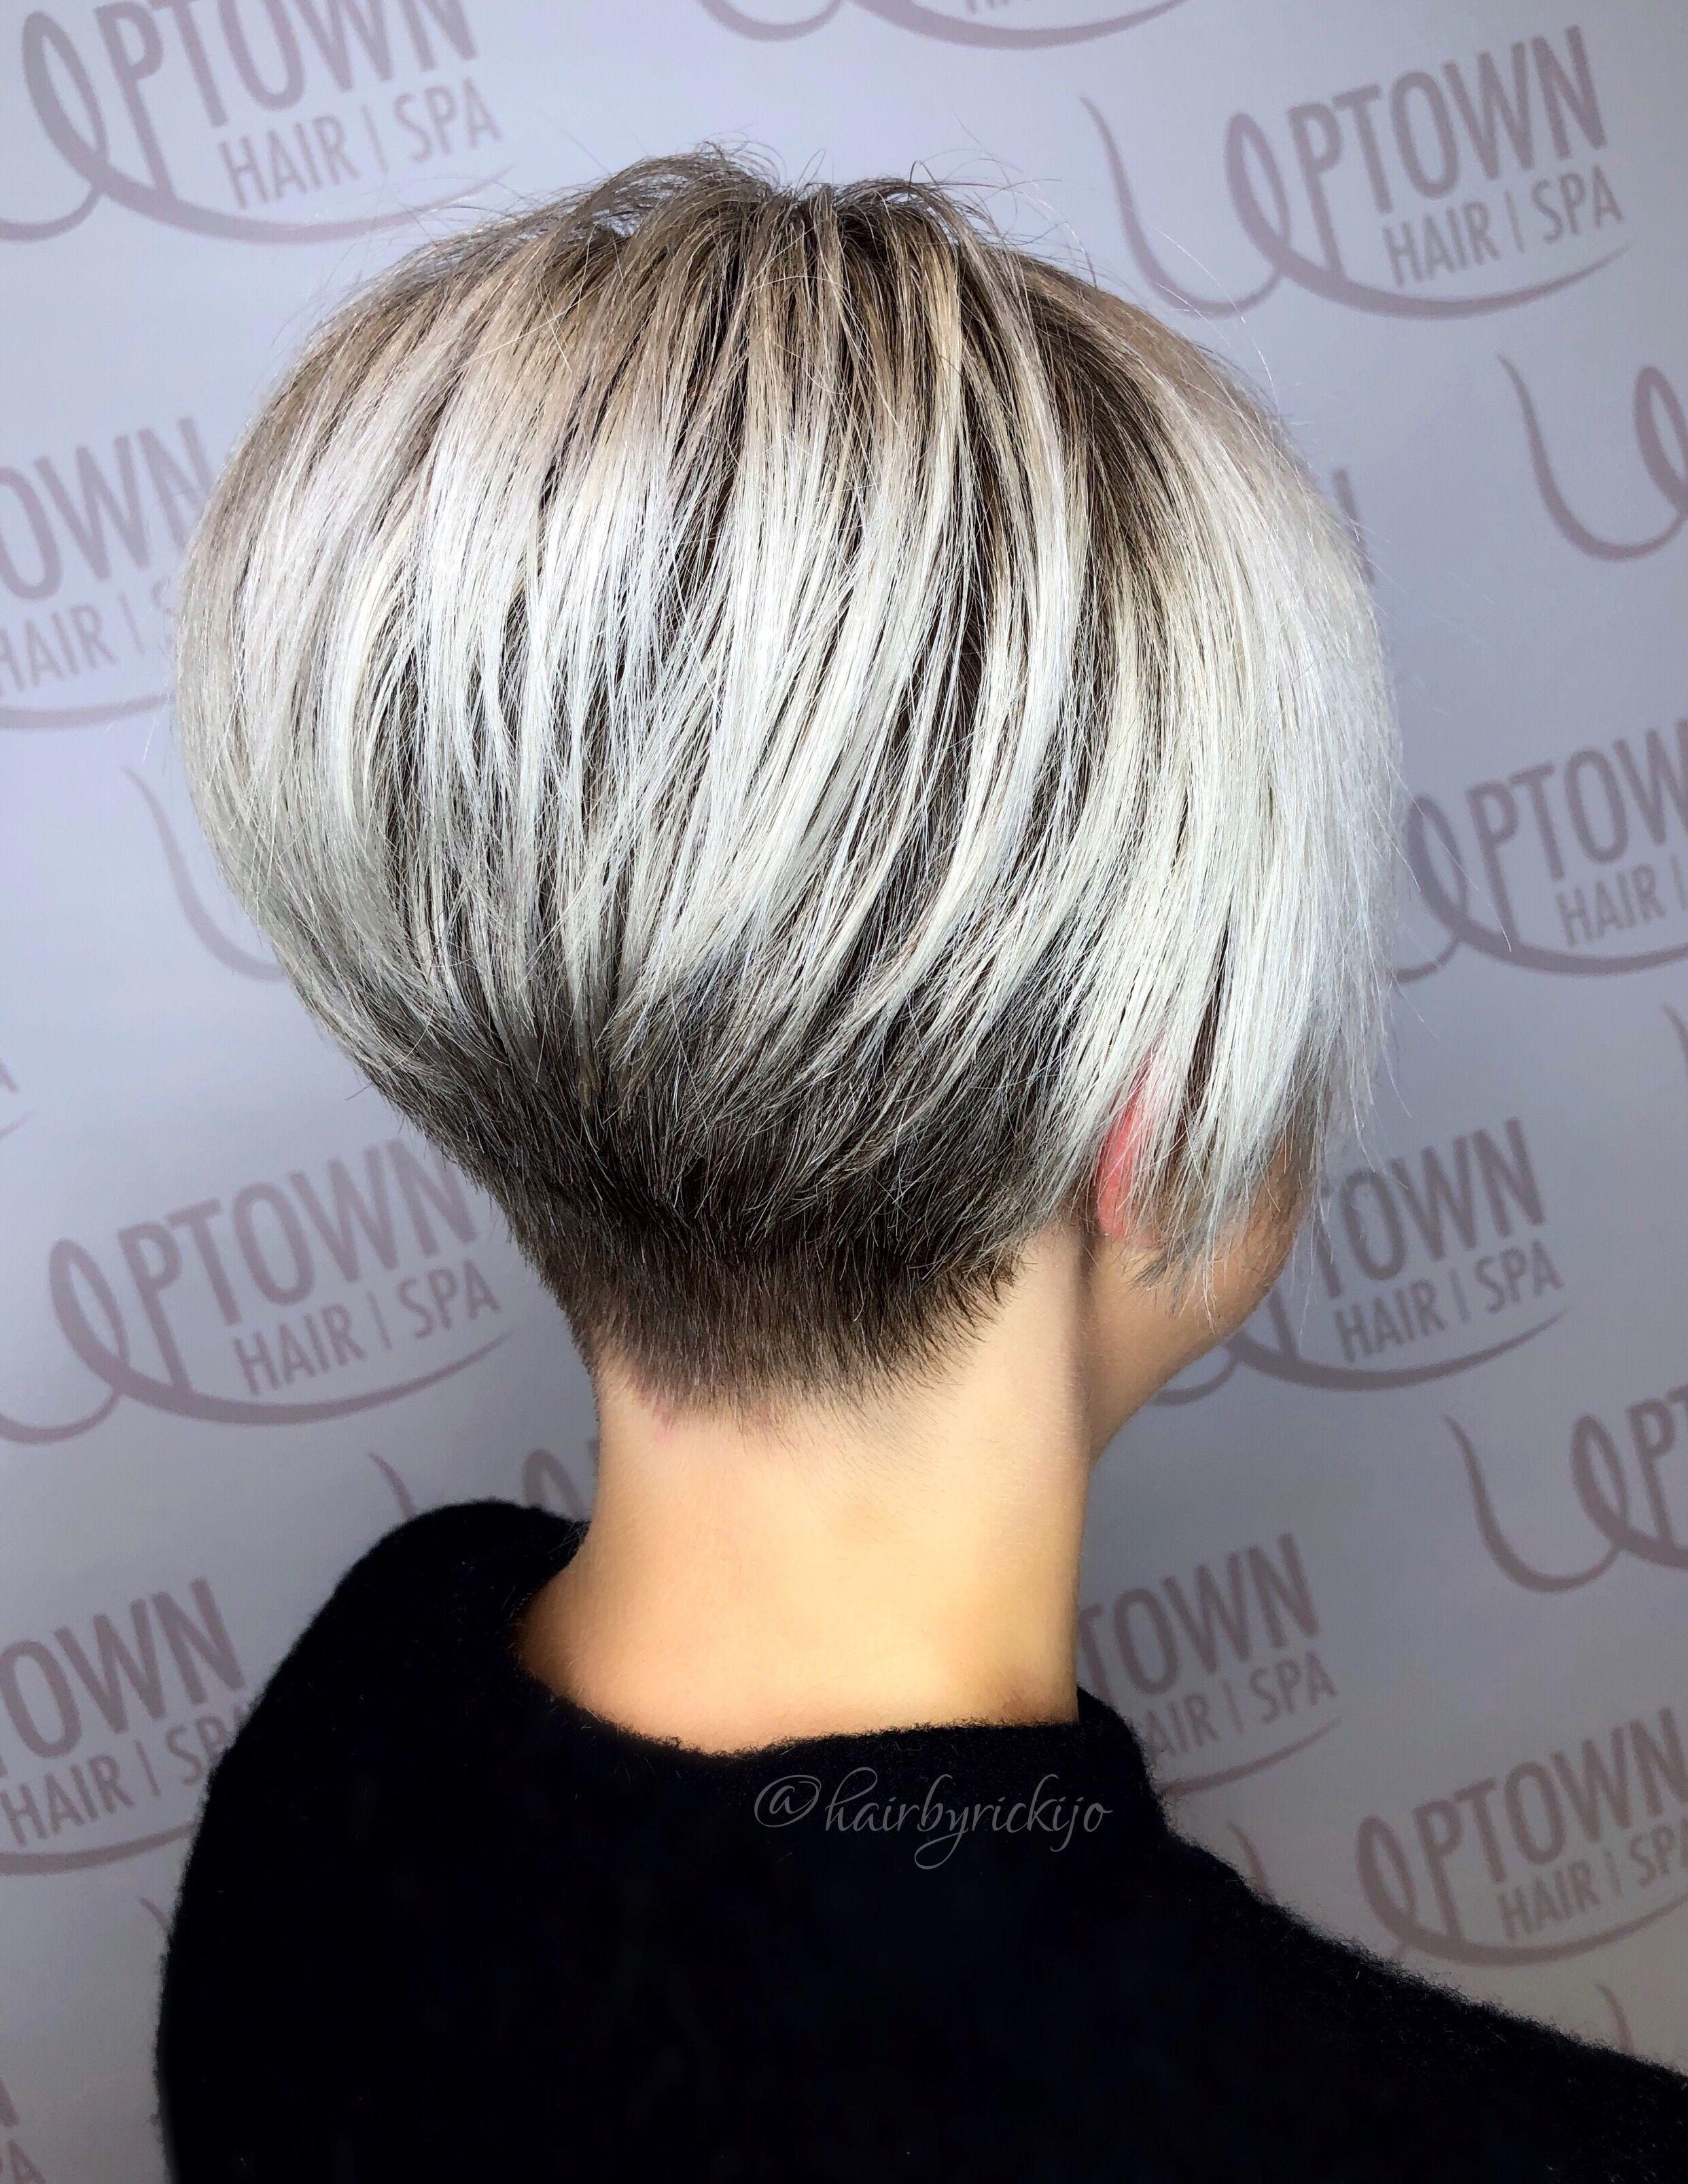 platinum pob (short bob/pixie) haircut  Short hair styles, Wedge